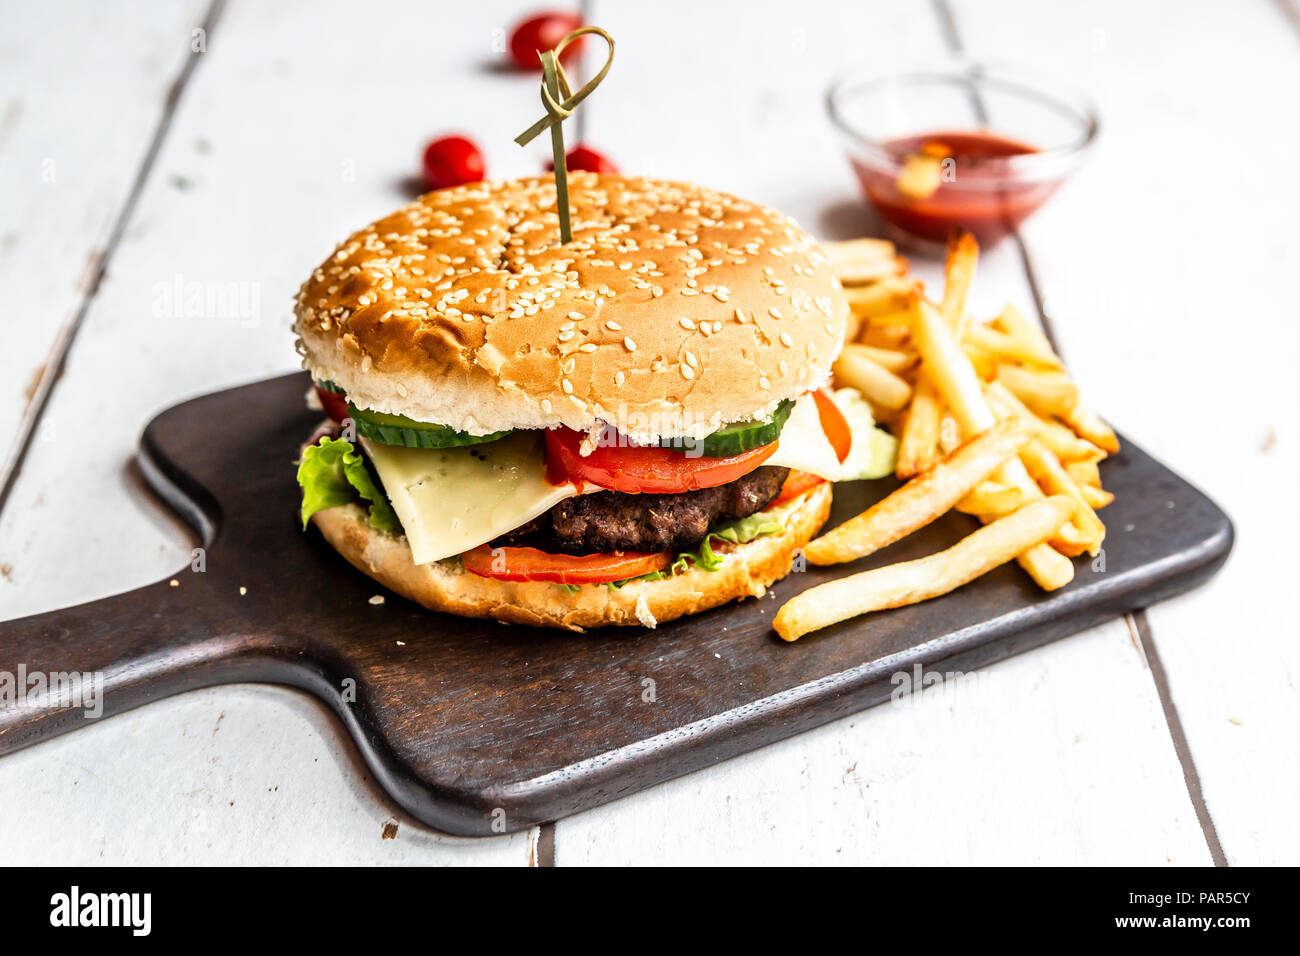 Hausgemachte Hamburger mit Käse, Pommes frites, Ketchup und Tomatenmark Stockbild